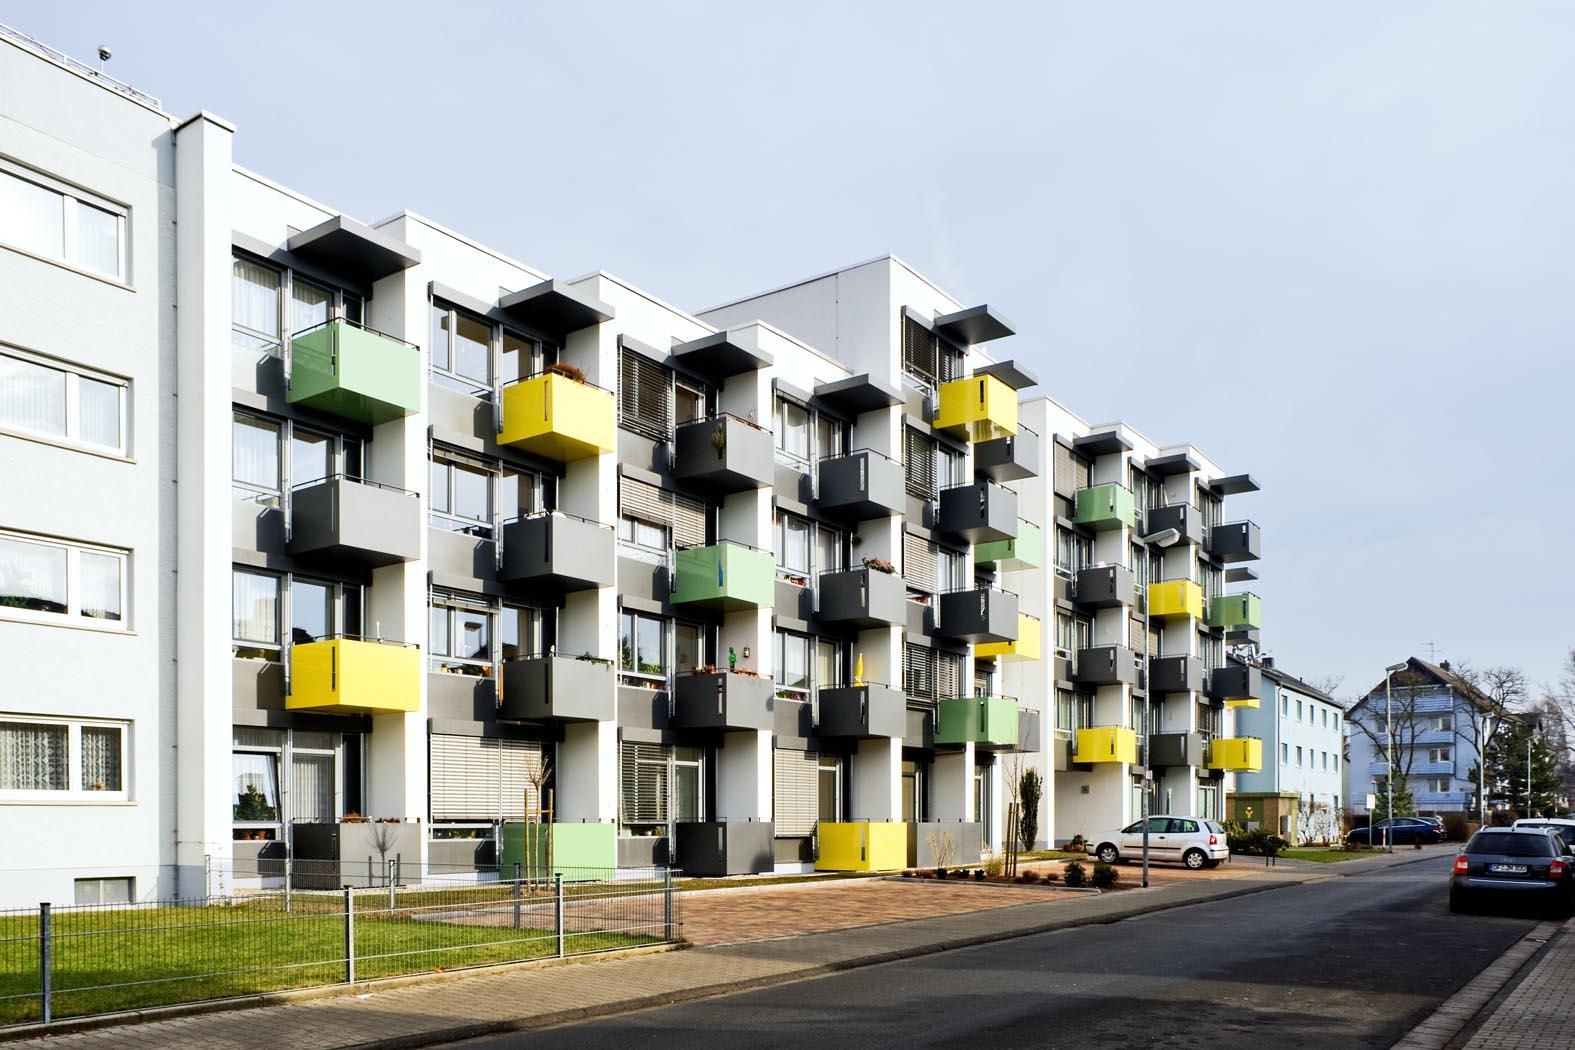 Erweiterung, Umbau und Sanierung Altenwohnanlage Neu-Isenburg